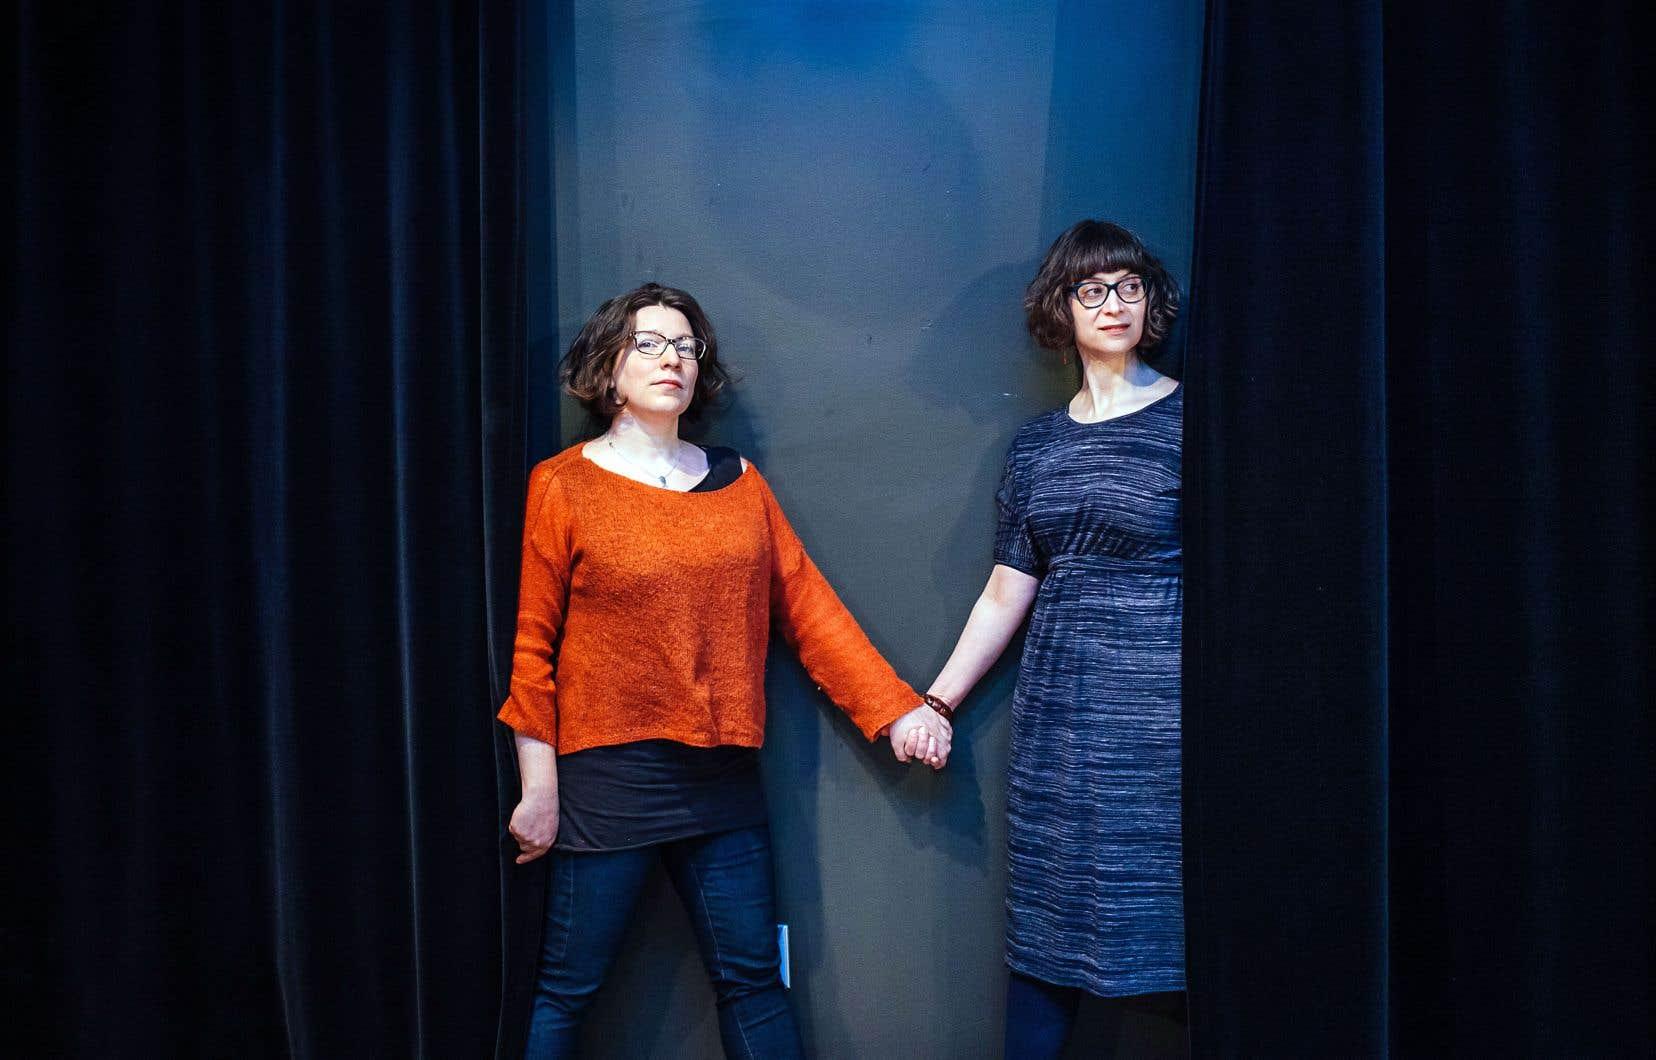 La cofondatrice du Jamais Lu Marcelle Dubois (à gauche) estime que les hésitations à inclure au festival le travail d'auteurs anglophones doivent être revisitées en 2019. C'est dans cette optique qu'elle a invité l'auteure et traductrice Alexis Diamond à codiriger la 18e édition de l'événement.